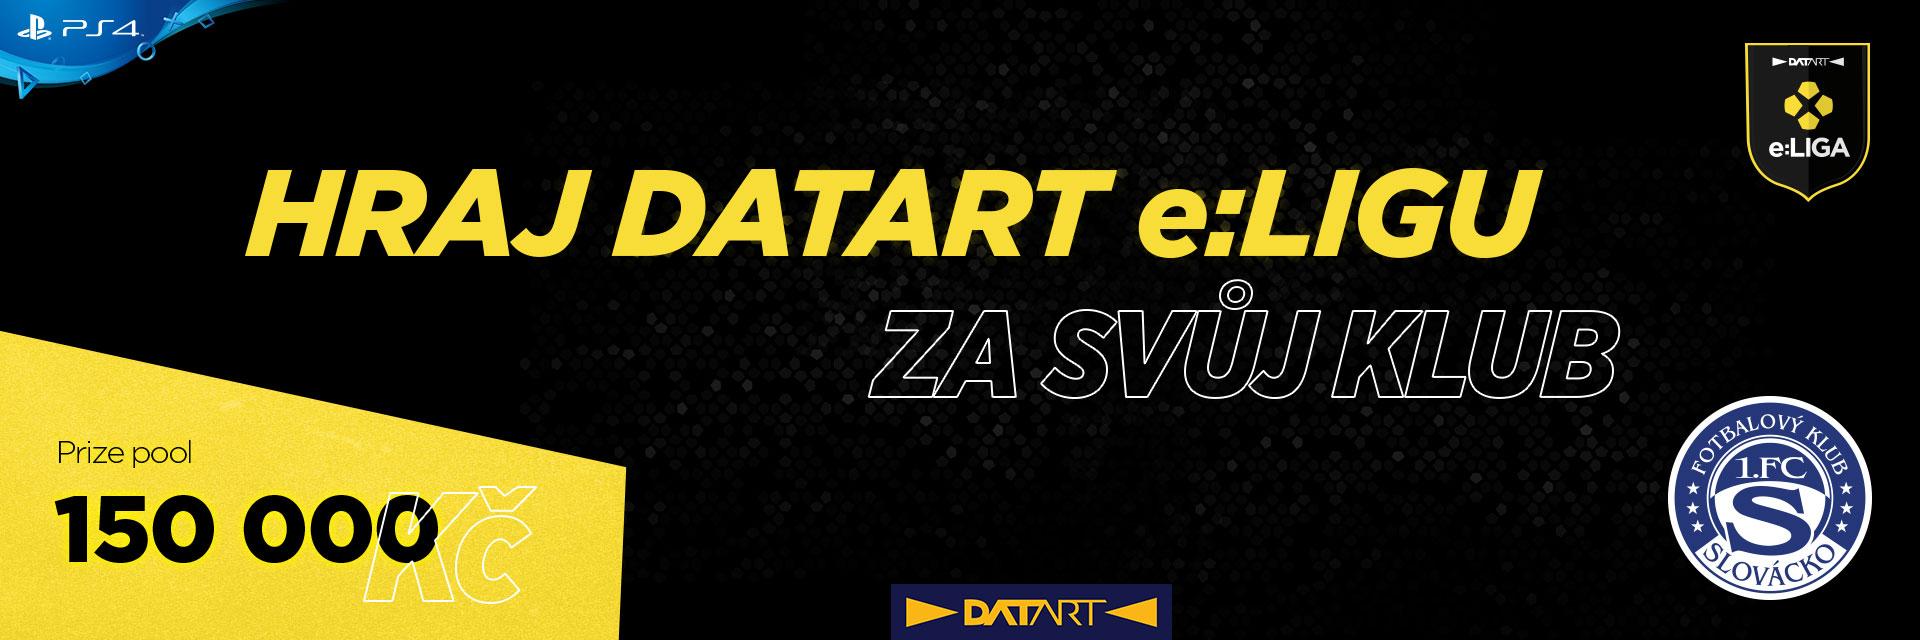 datart-e-liga-semifinale-1-fc-slovacko